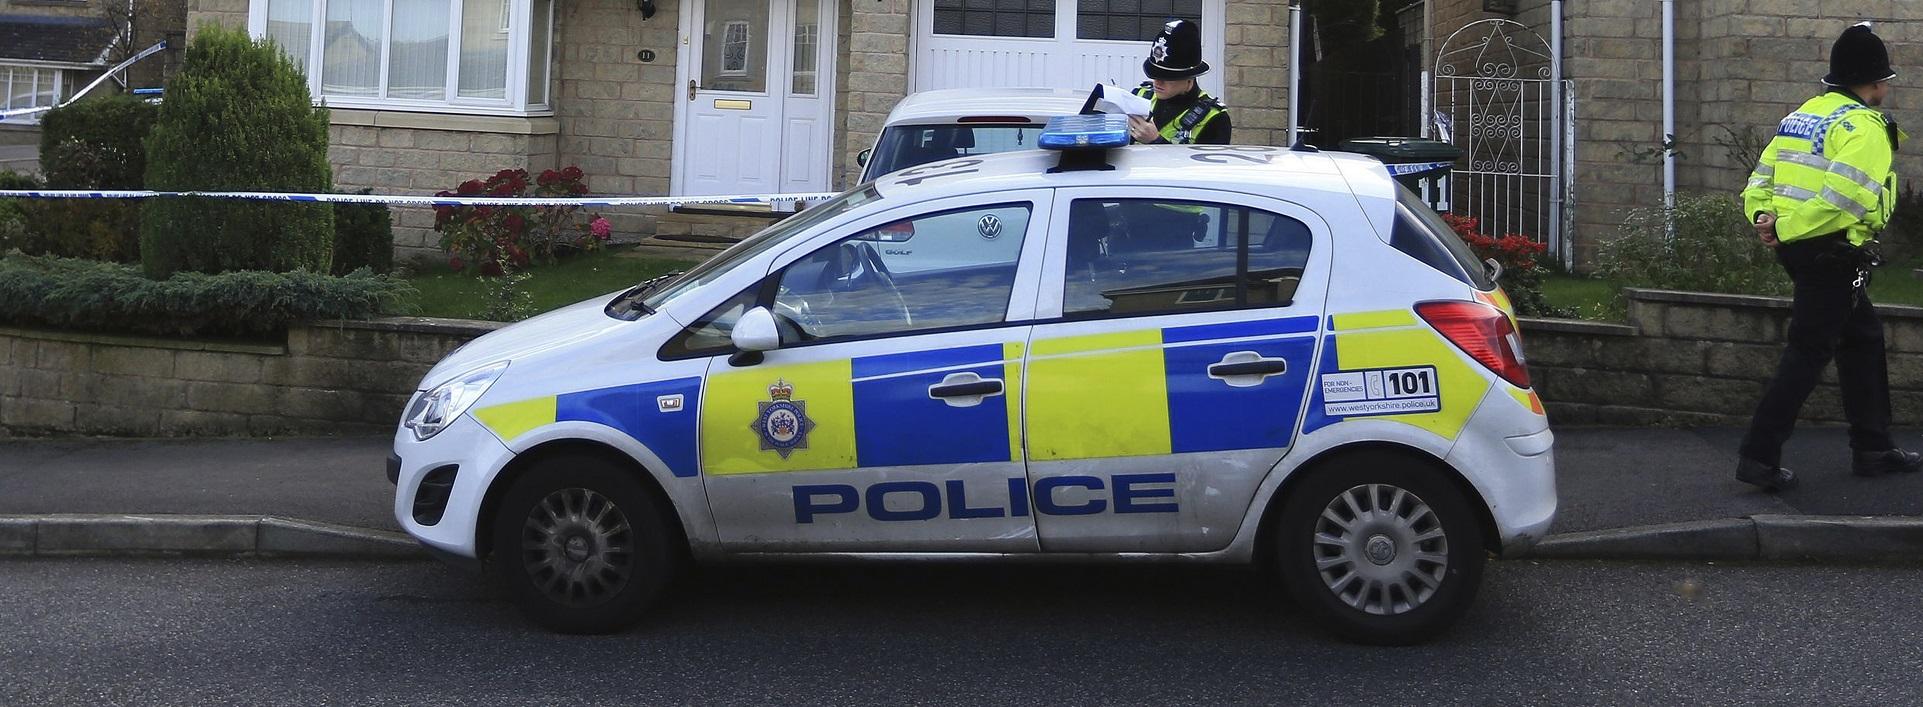 W Leeds znaleziono ciało mężczyzny. Prawdopodobnie to zaginiony Polak